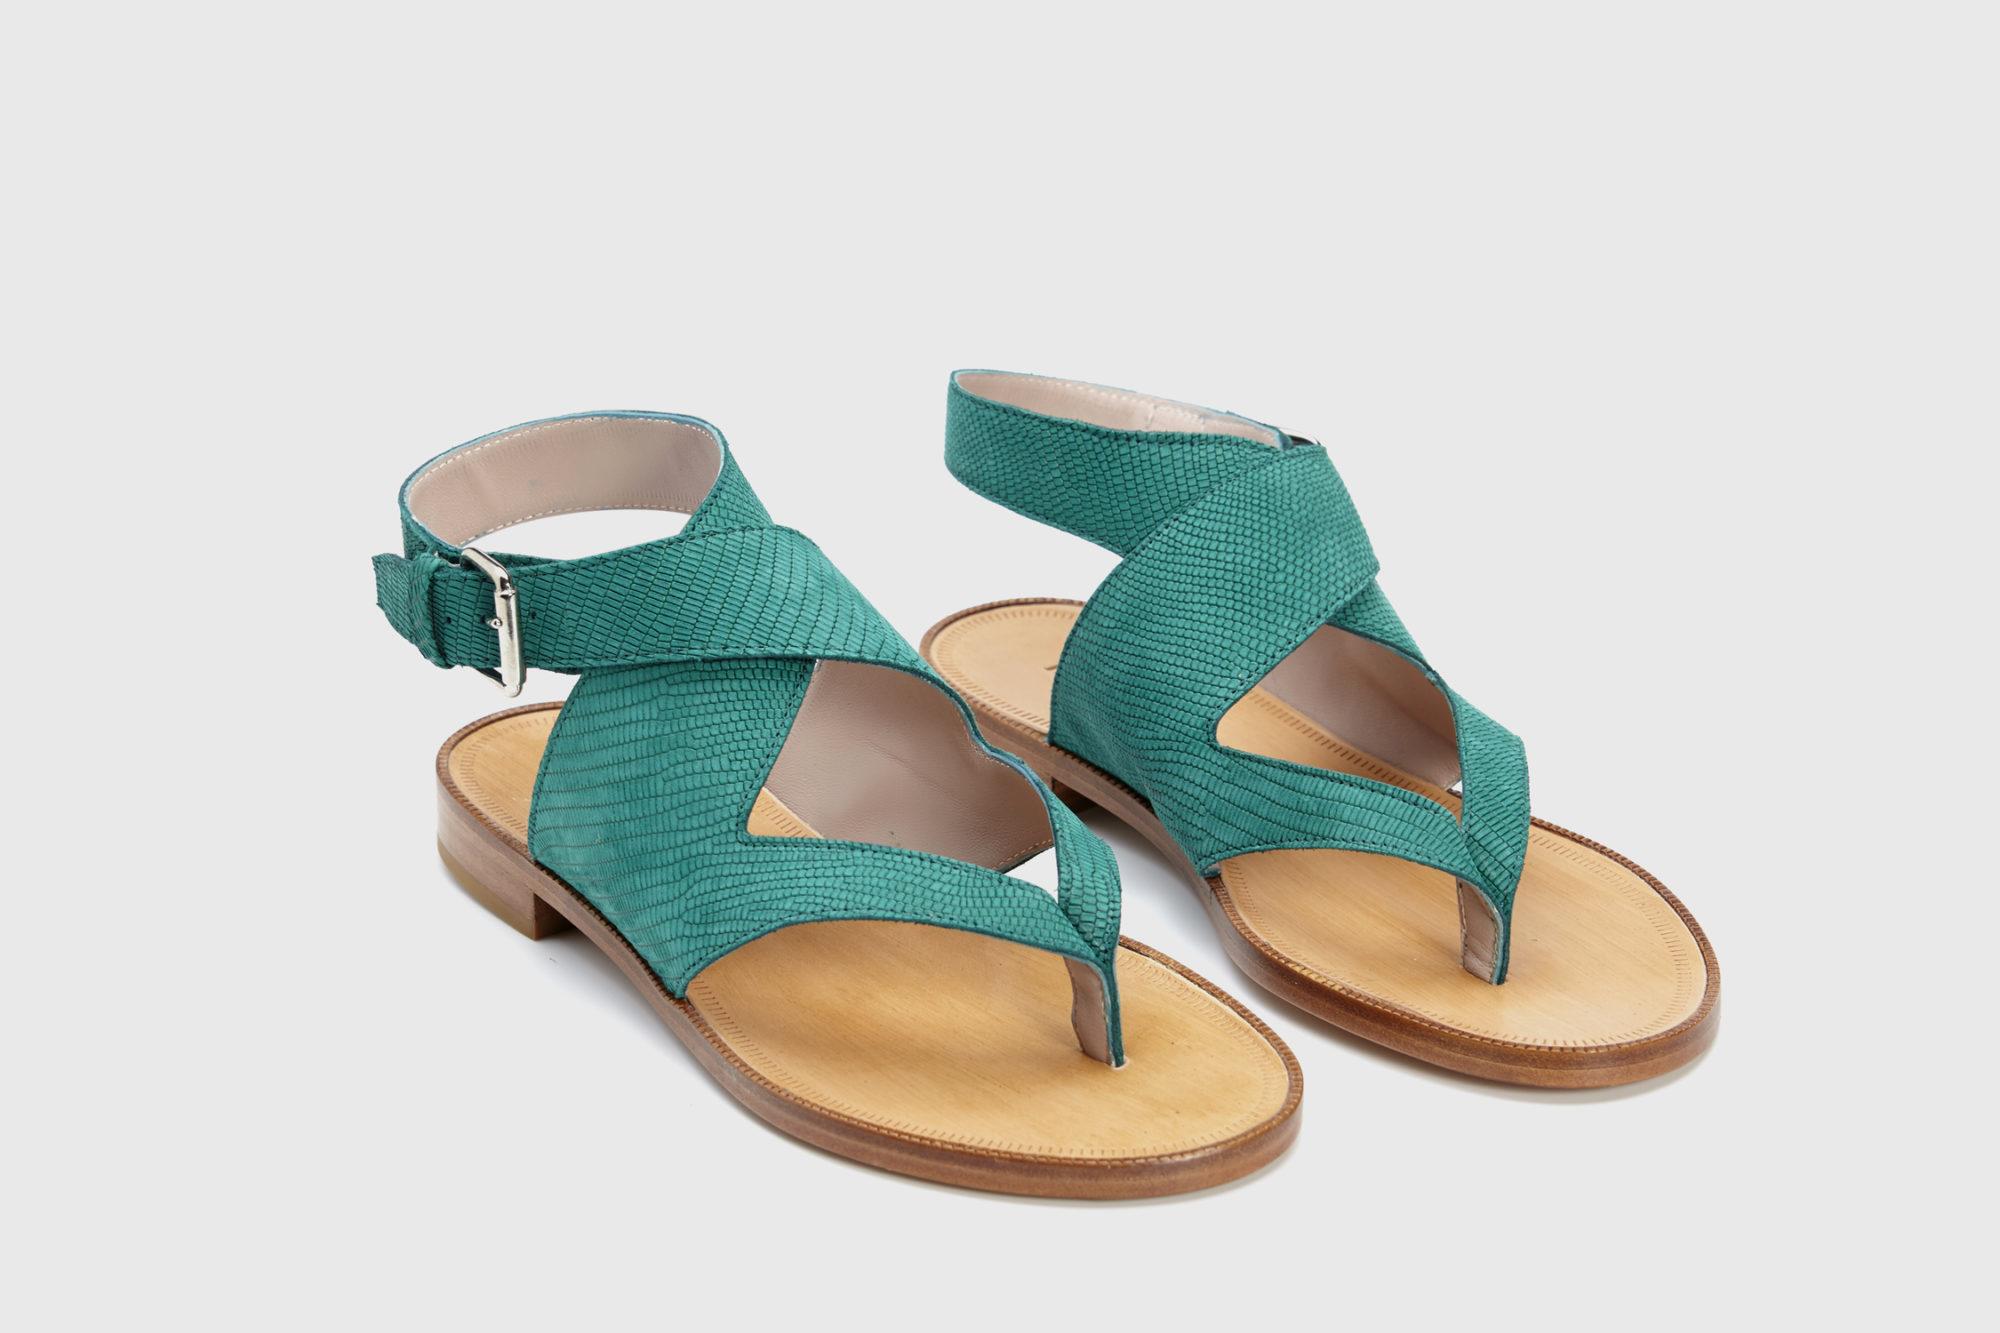 Dorotea sandalia plana Martina verde ss18 par